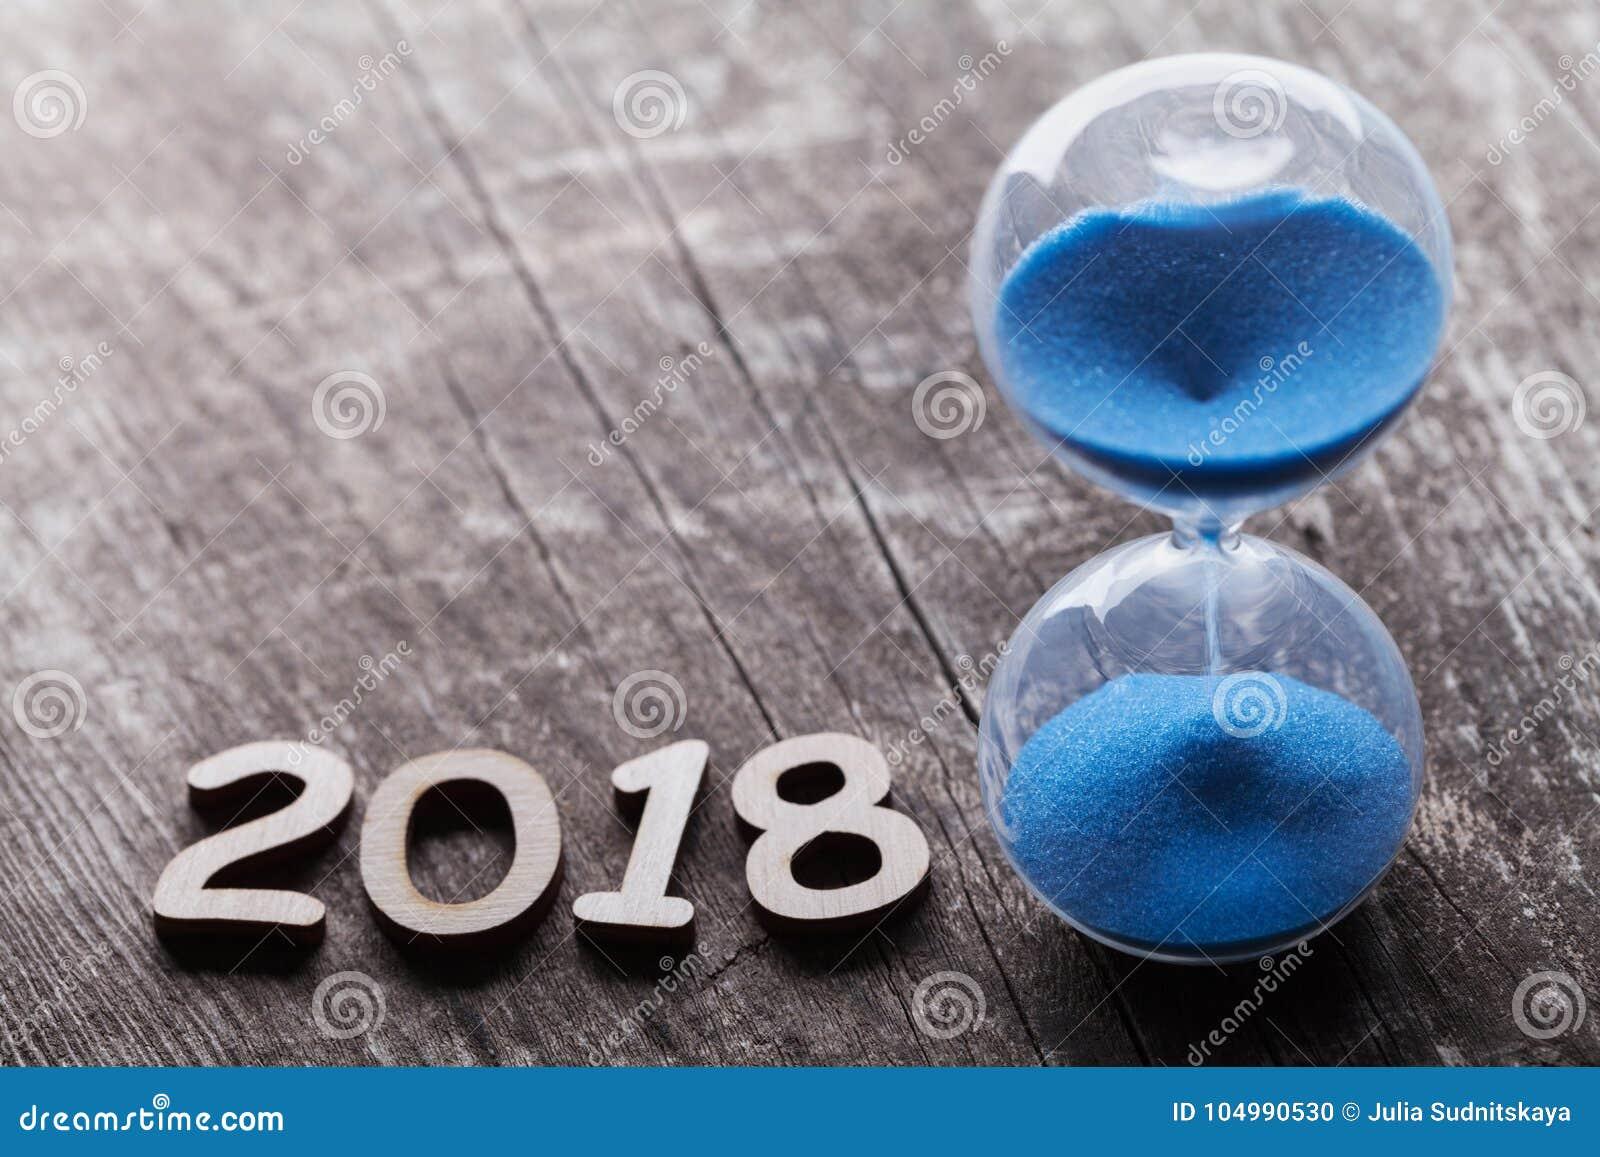 Nuovo anno un concetto di 2018 volte clessidra o sandglass - Un ampolla sulla tavola ...